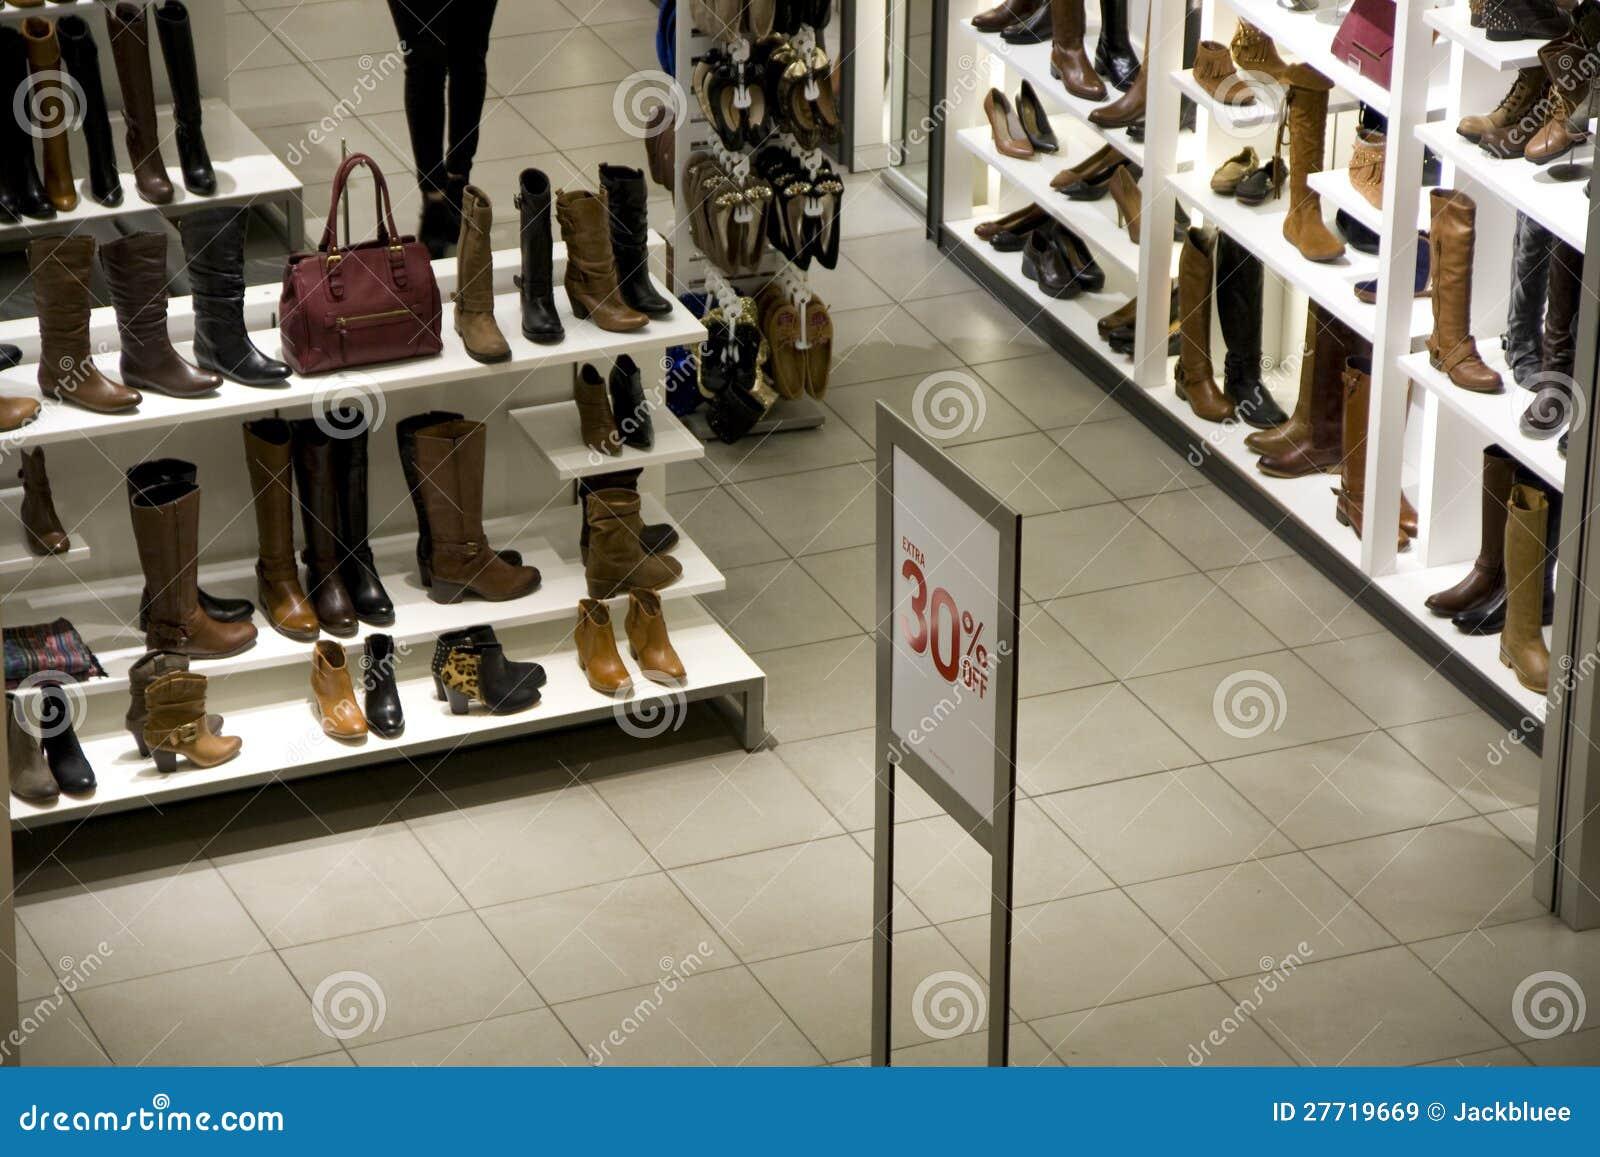 magasin de chaussures image stock image du g nie brun 27719669. Black Bedroom Furniture Sets. Home Design Ideas